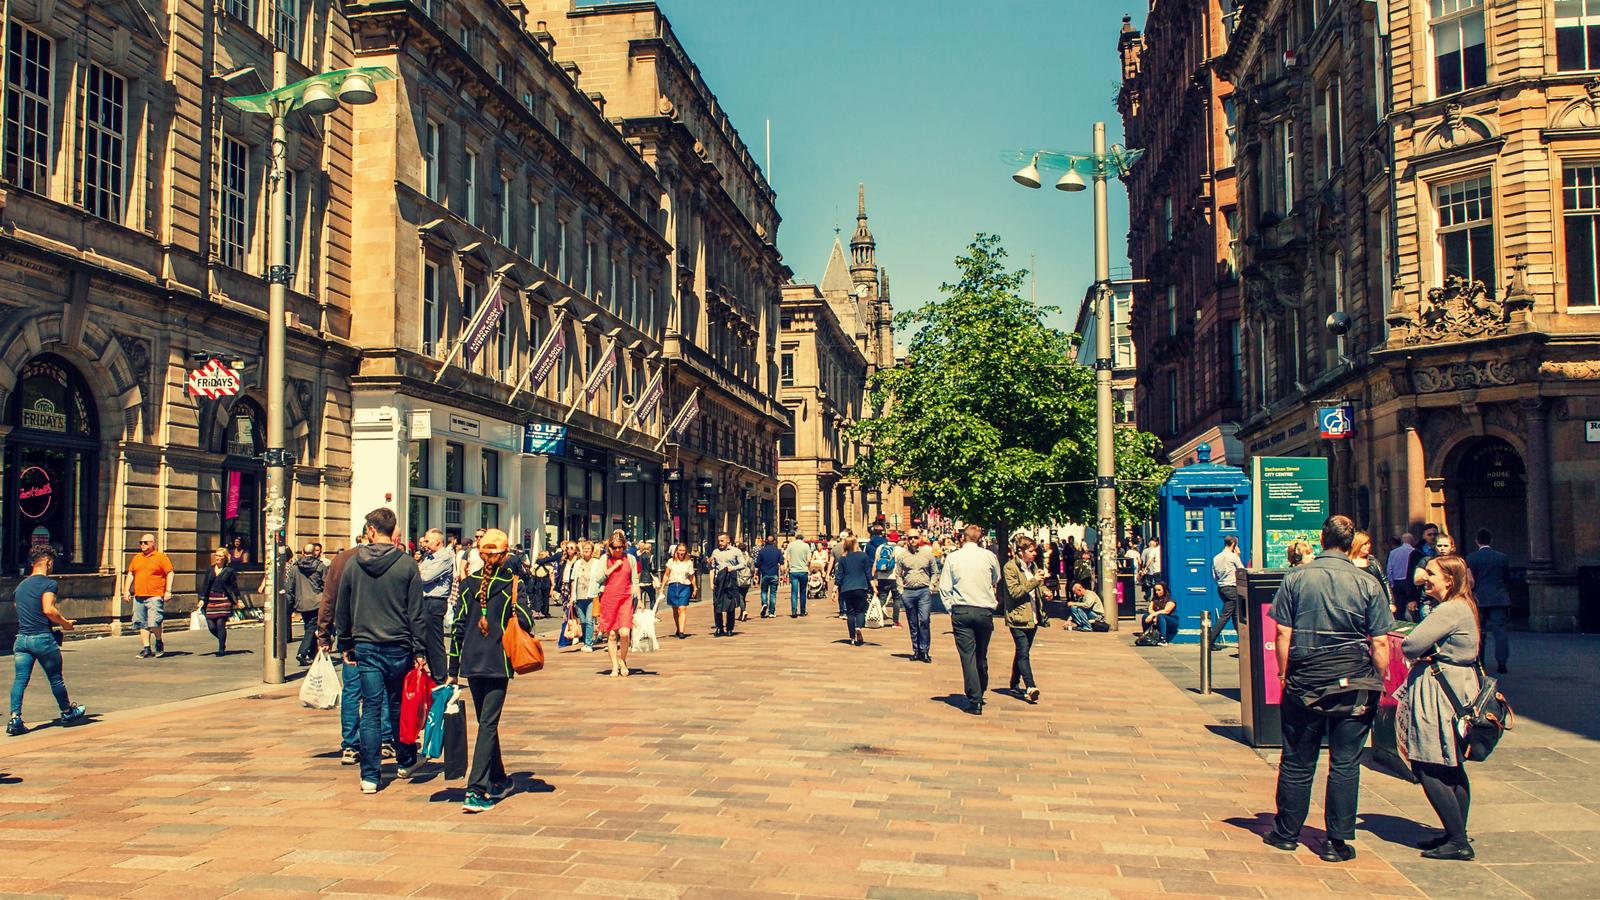 苏格兰格拉斯哥(Glasgow), 曾经大英帝国第二城